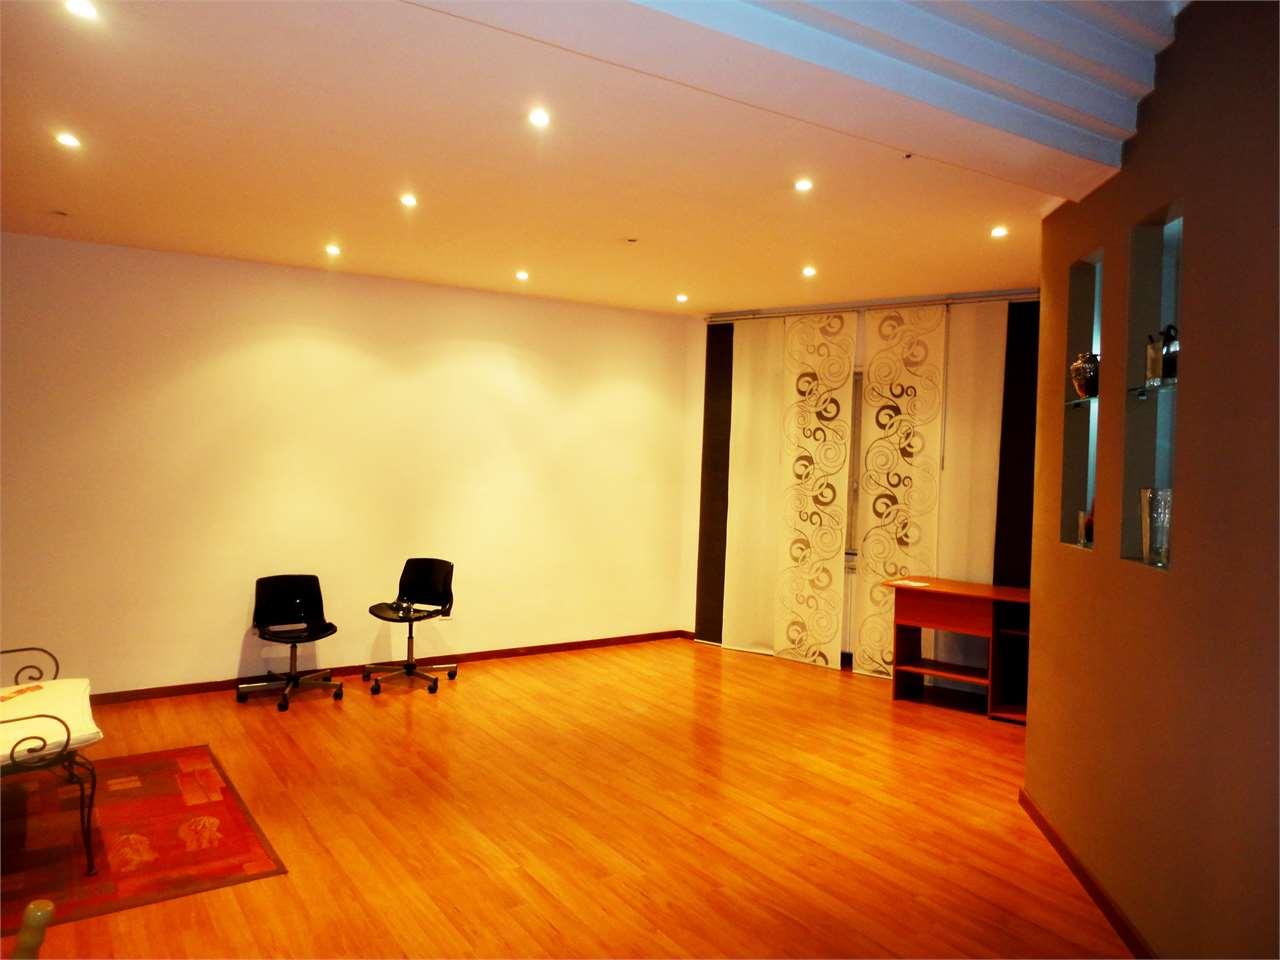 Appartamento in vendita a Cosenza, 3 locali, zona Località: Piazza Europa, prezzo € 120.000 | Cambio Casa.it